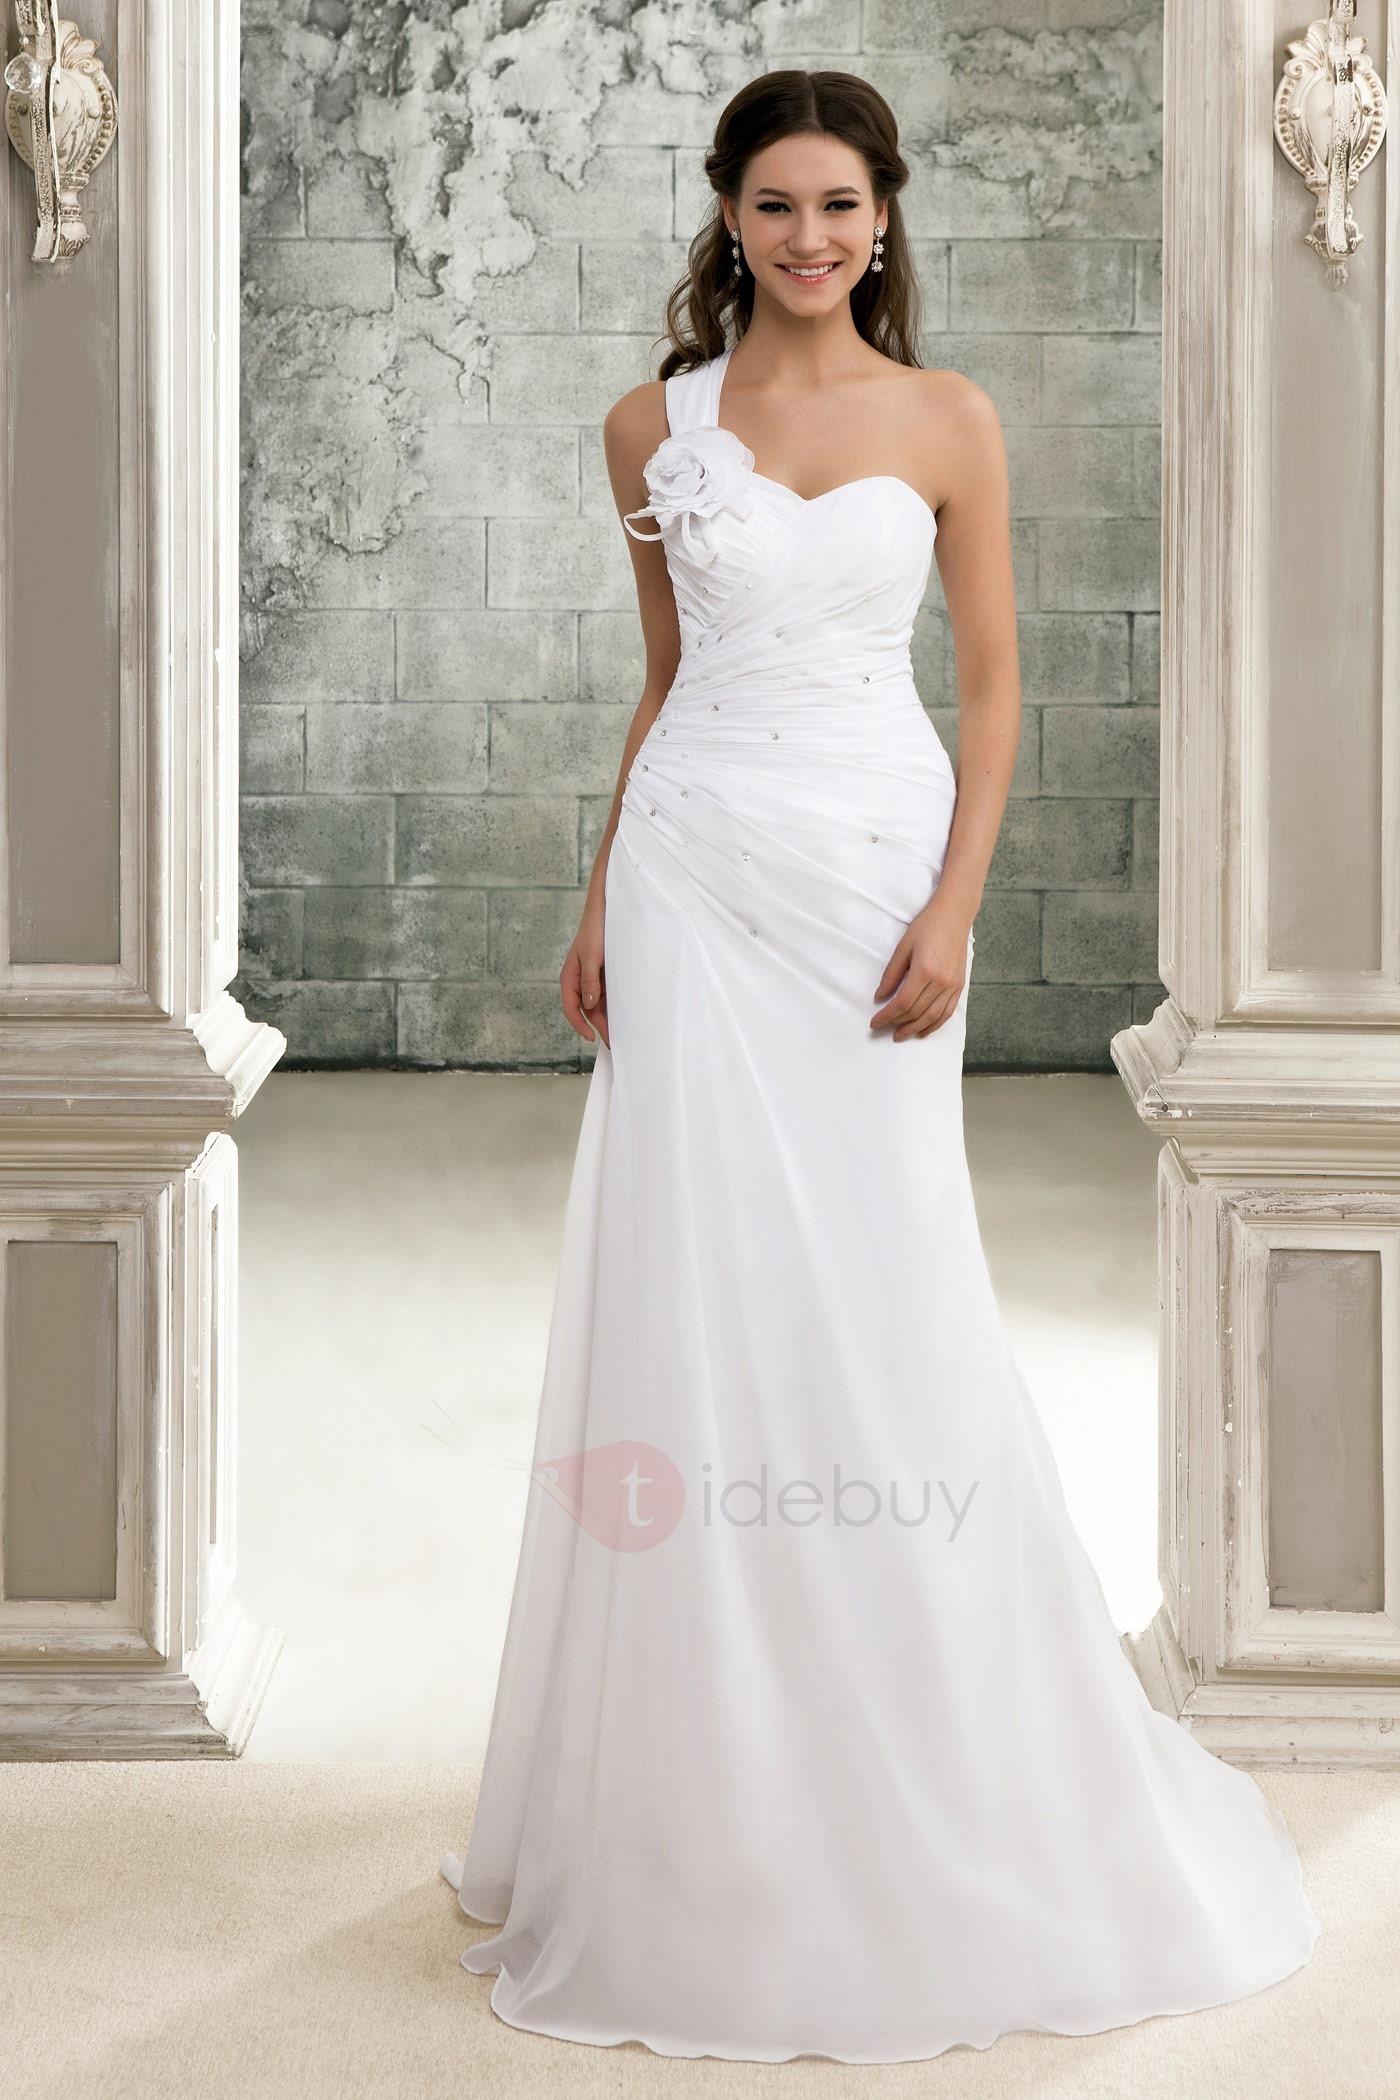 Wedding Dress Mermaid One Shoulder White Handmade Flower Satin Long ...